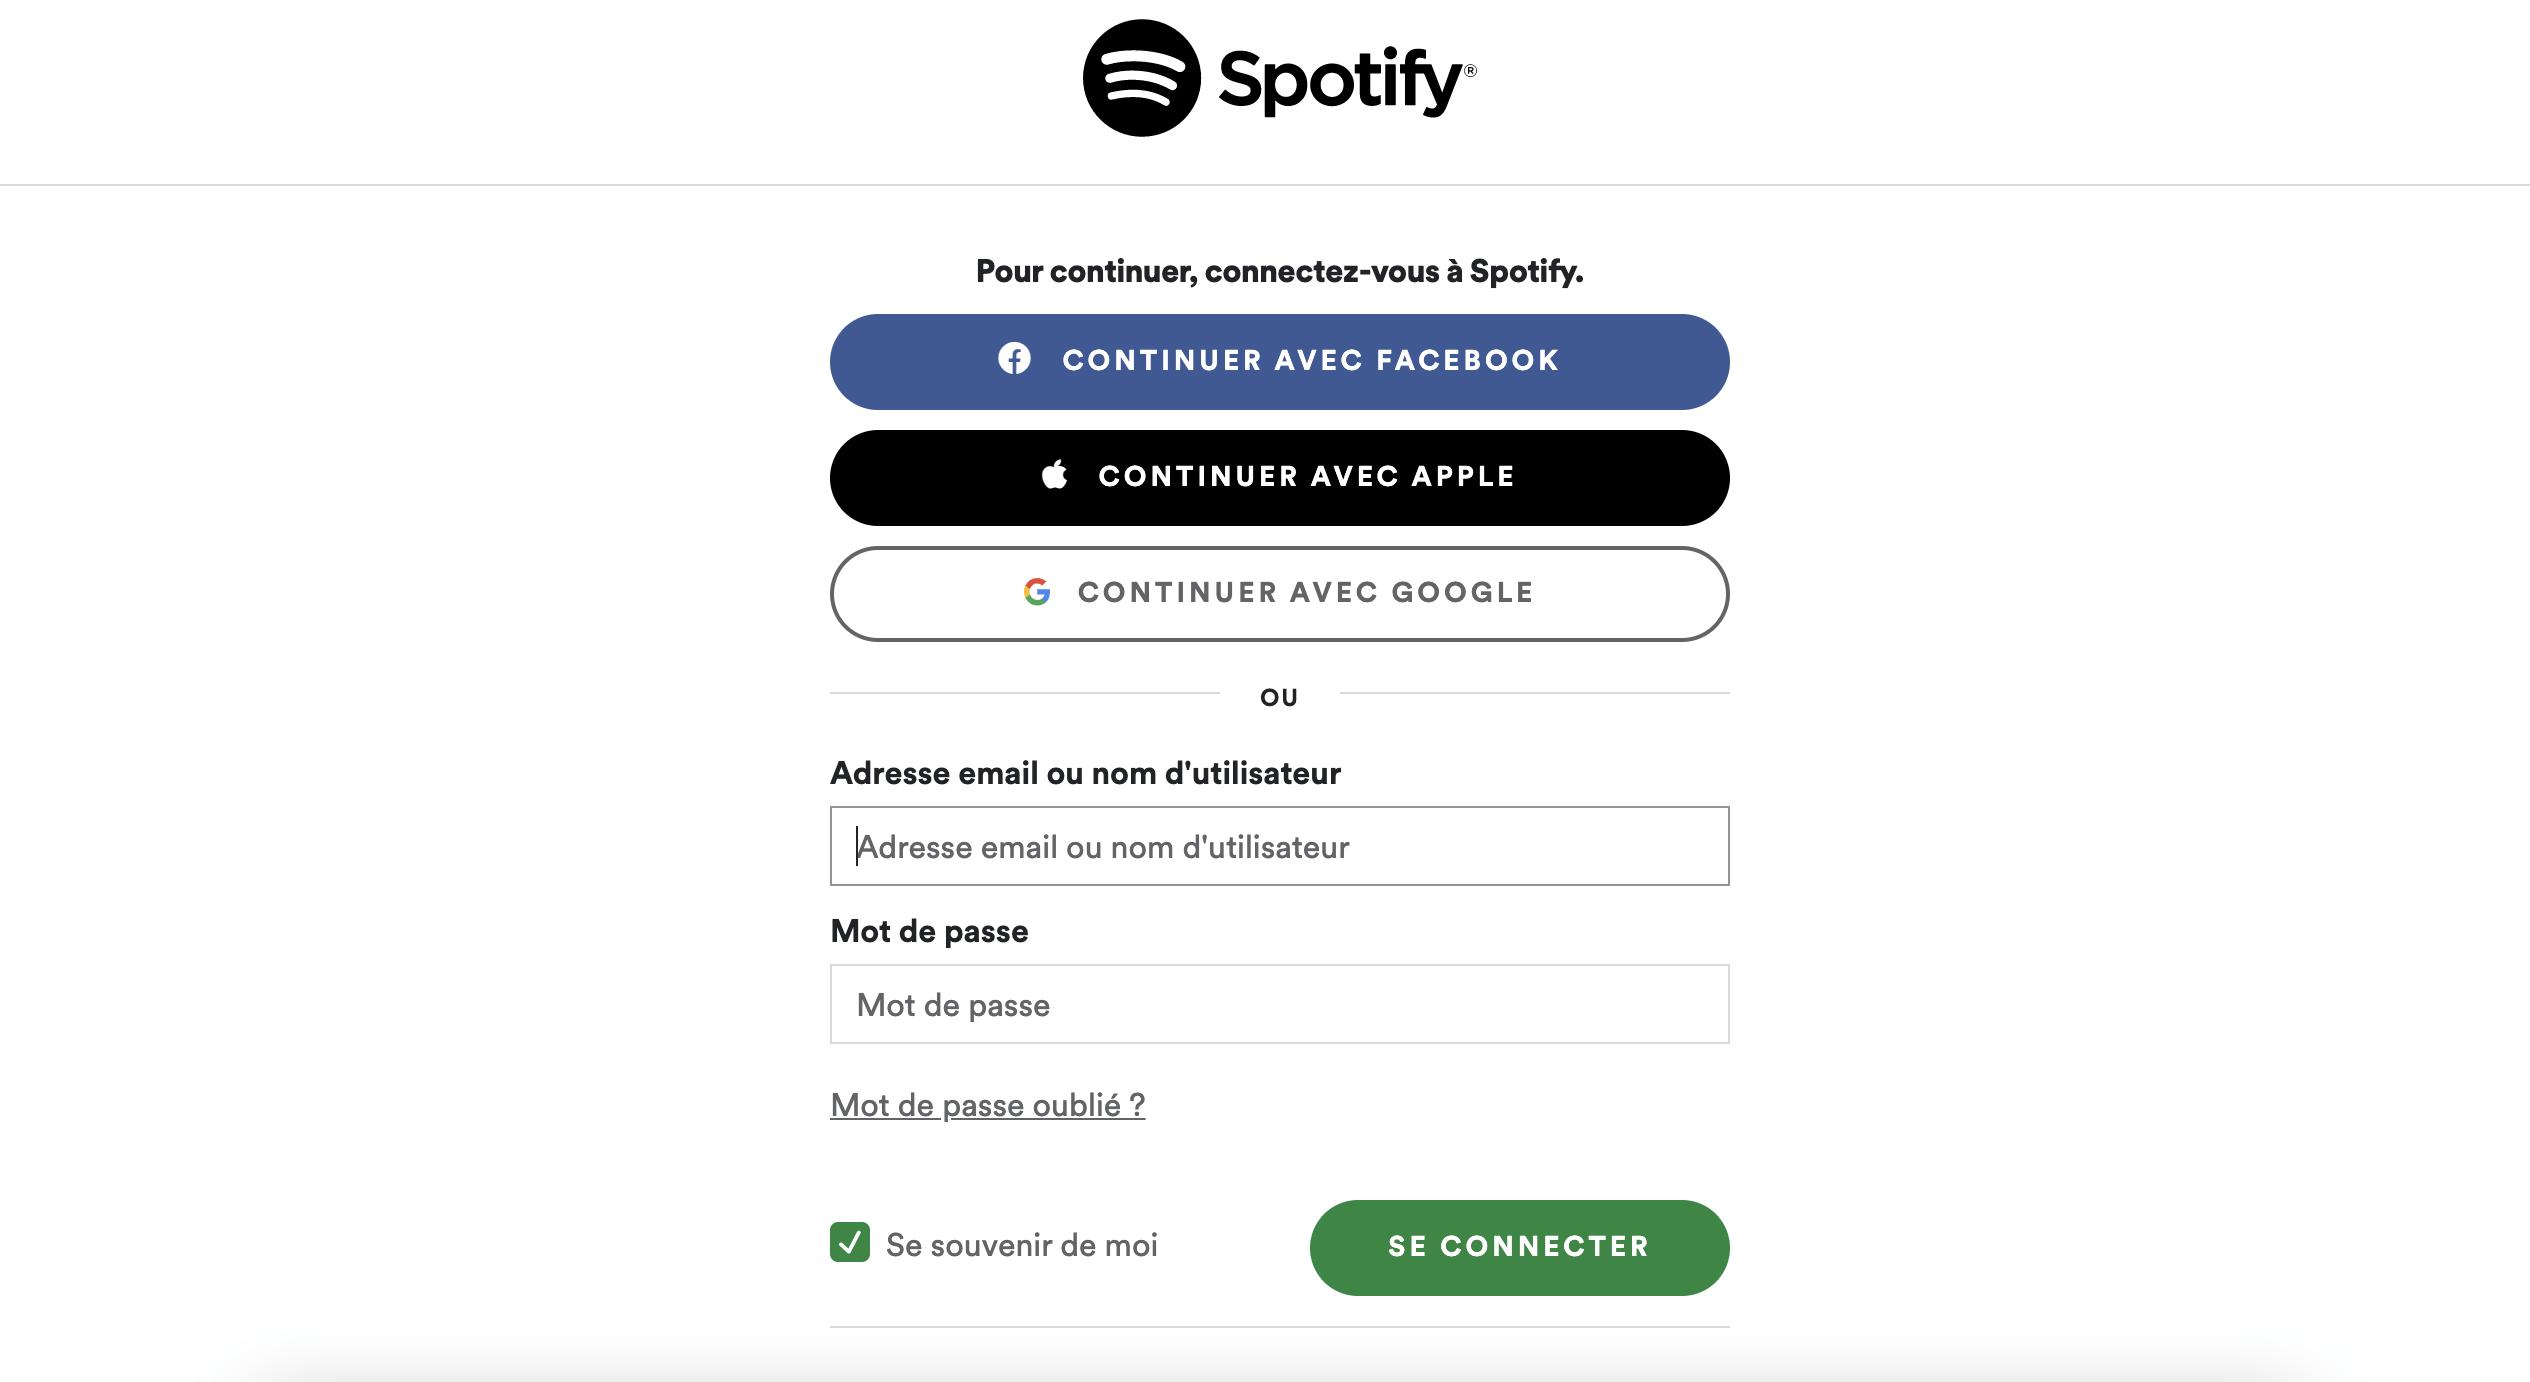 Résilier spotify en commençant par vous connecter